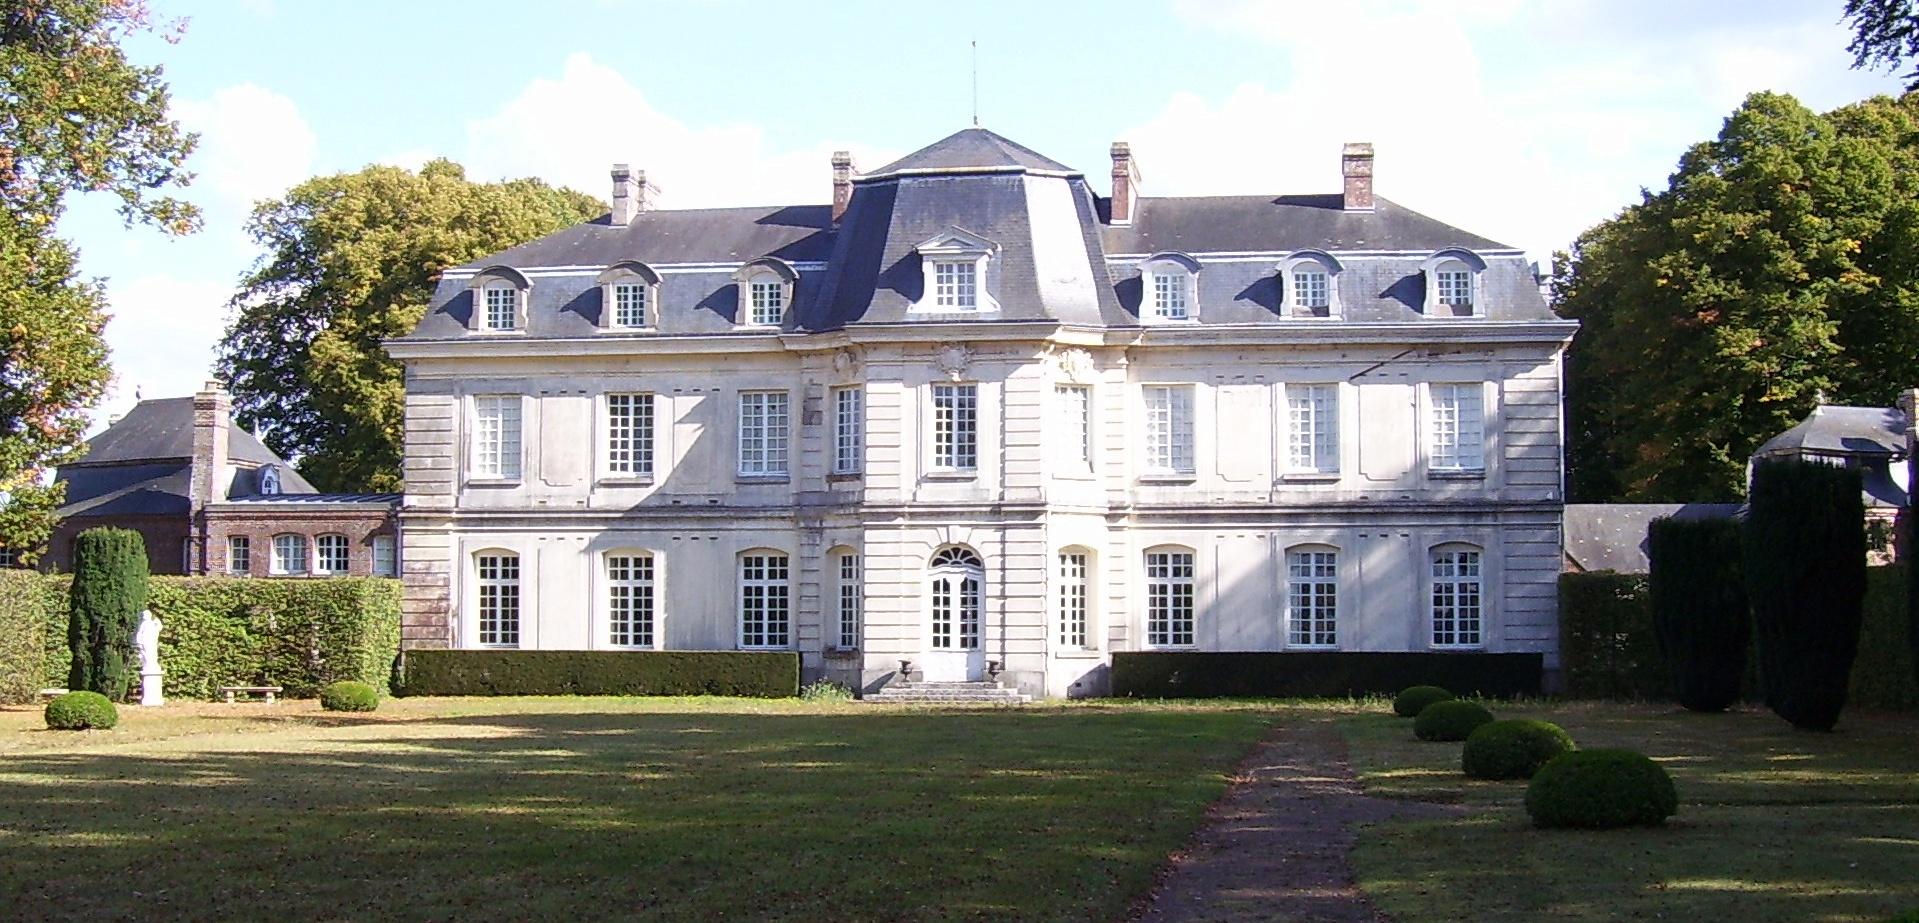 Rückseite des Château de Launay, vom Garten aus, eigenes Foto (auf commons), Lizenz: CC by/ Creative Commons Attribution 3.0 Unported